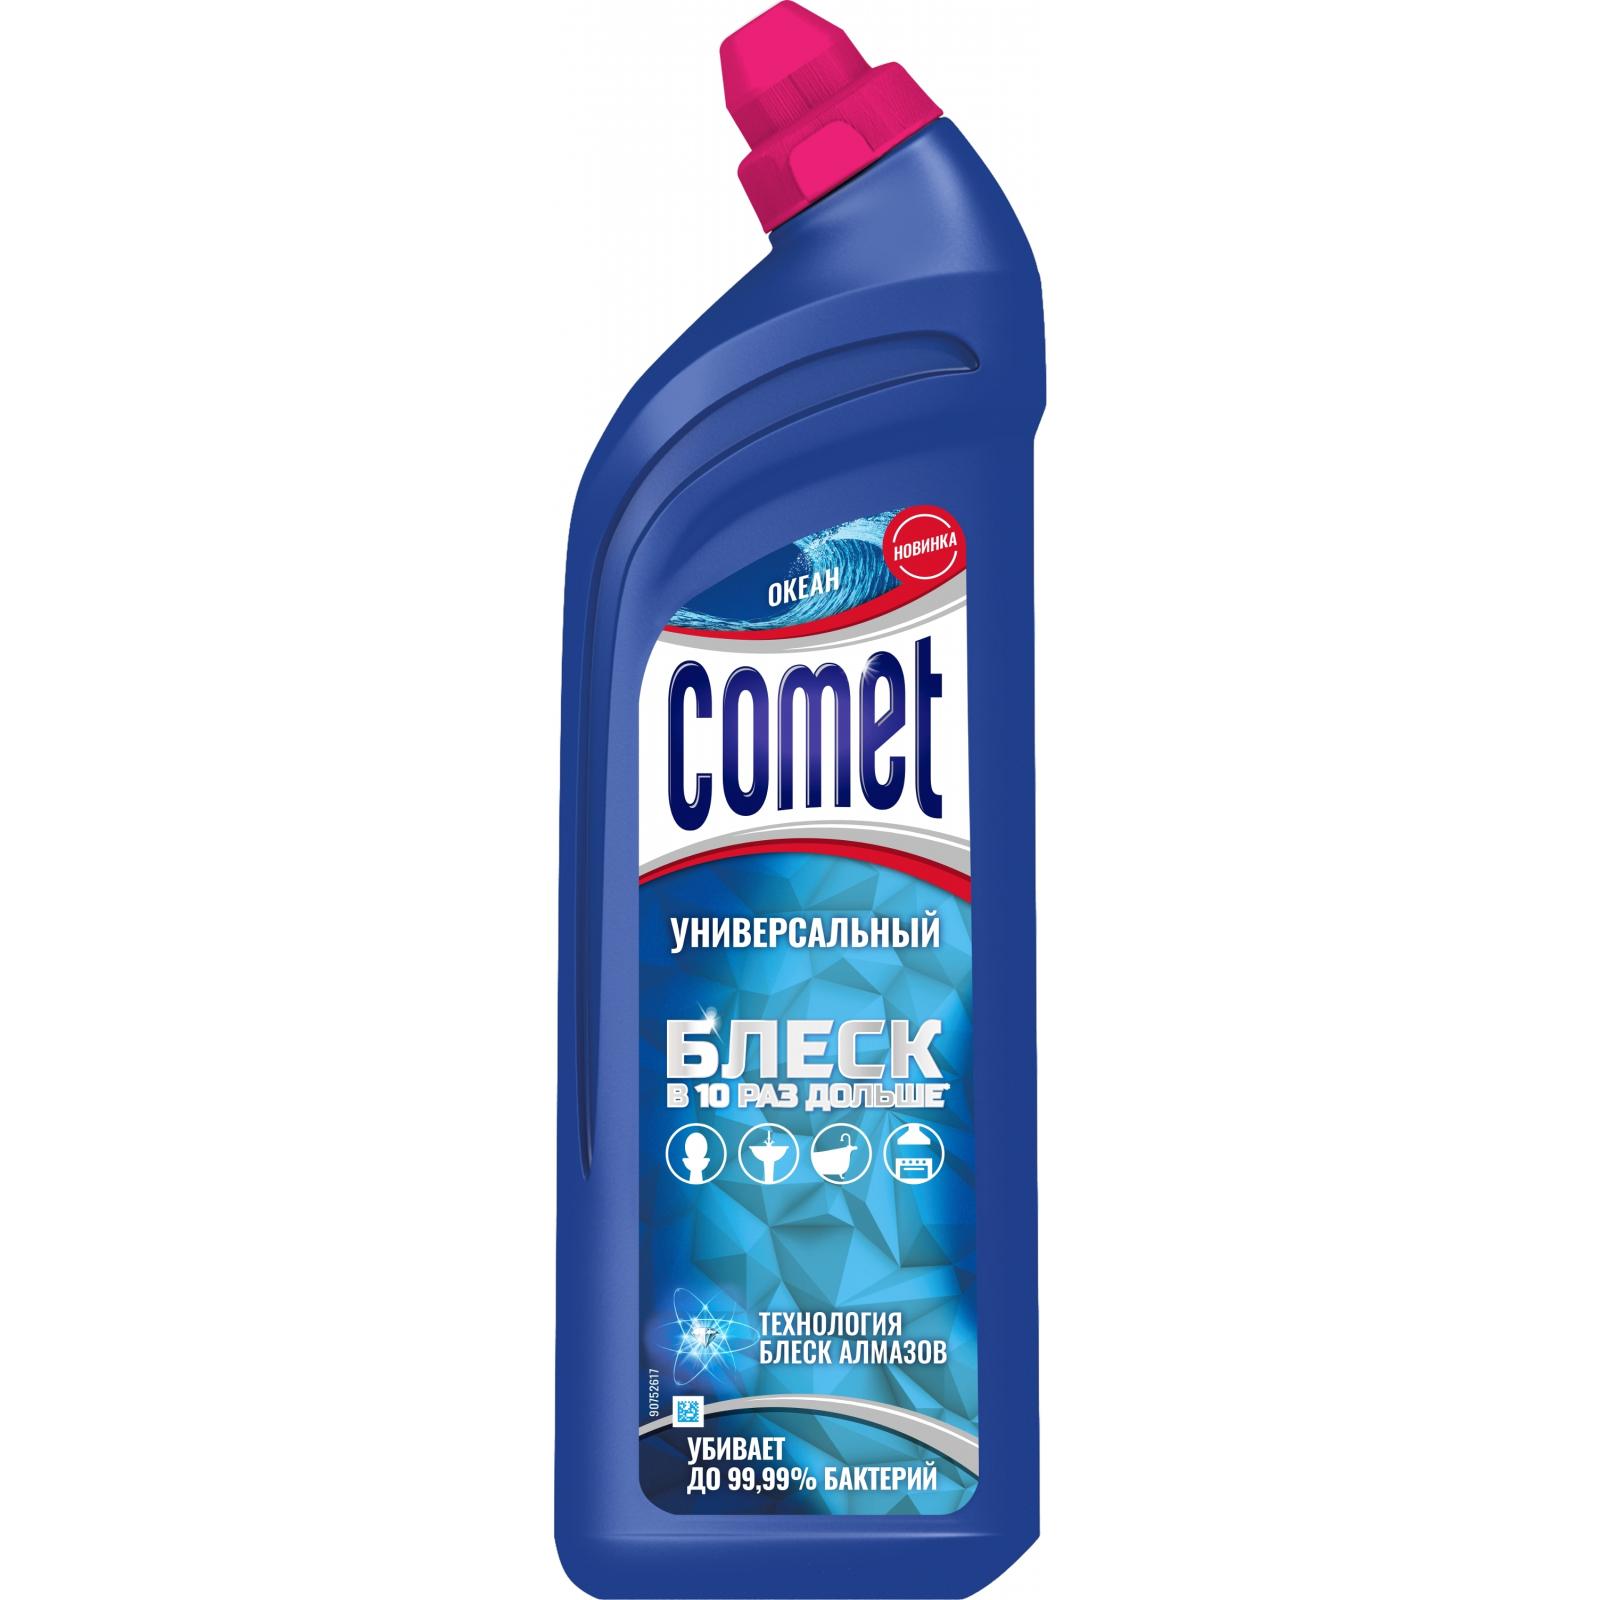 Чистящий гель Comet Океан 850 мл (8001480703599)